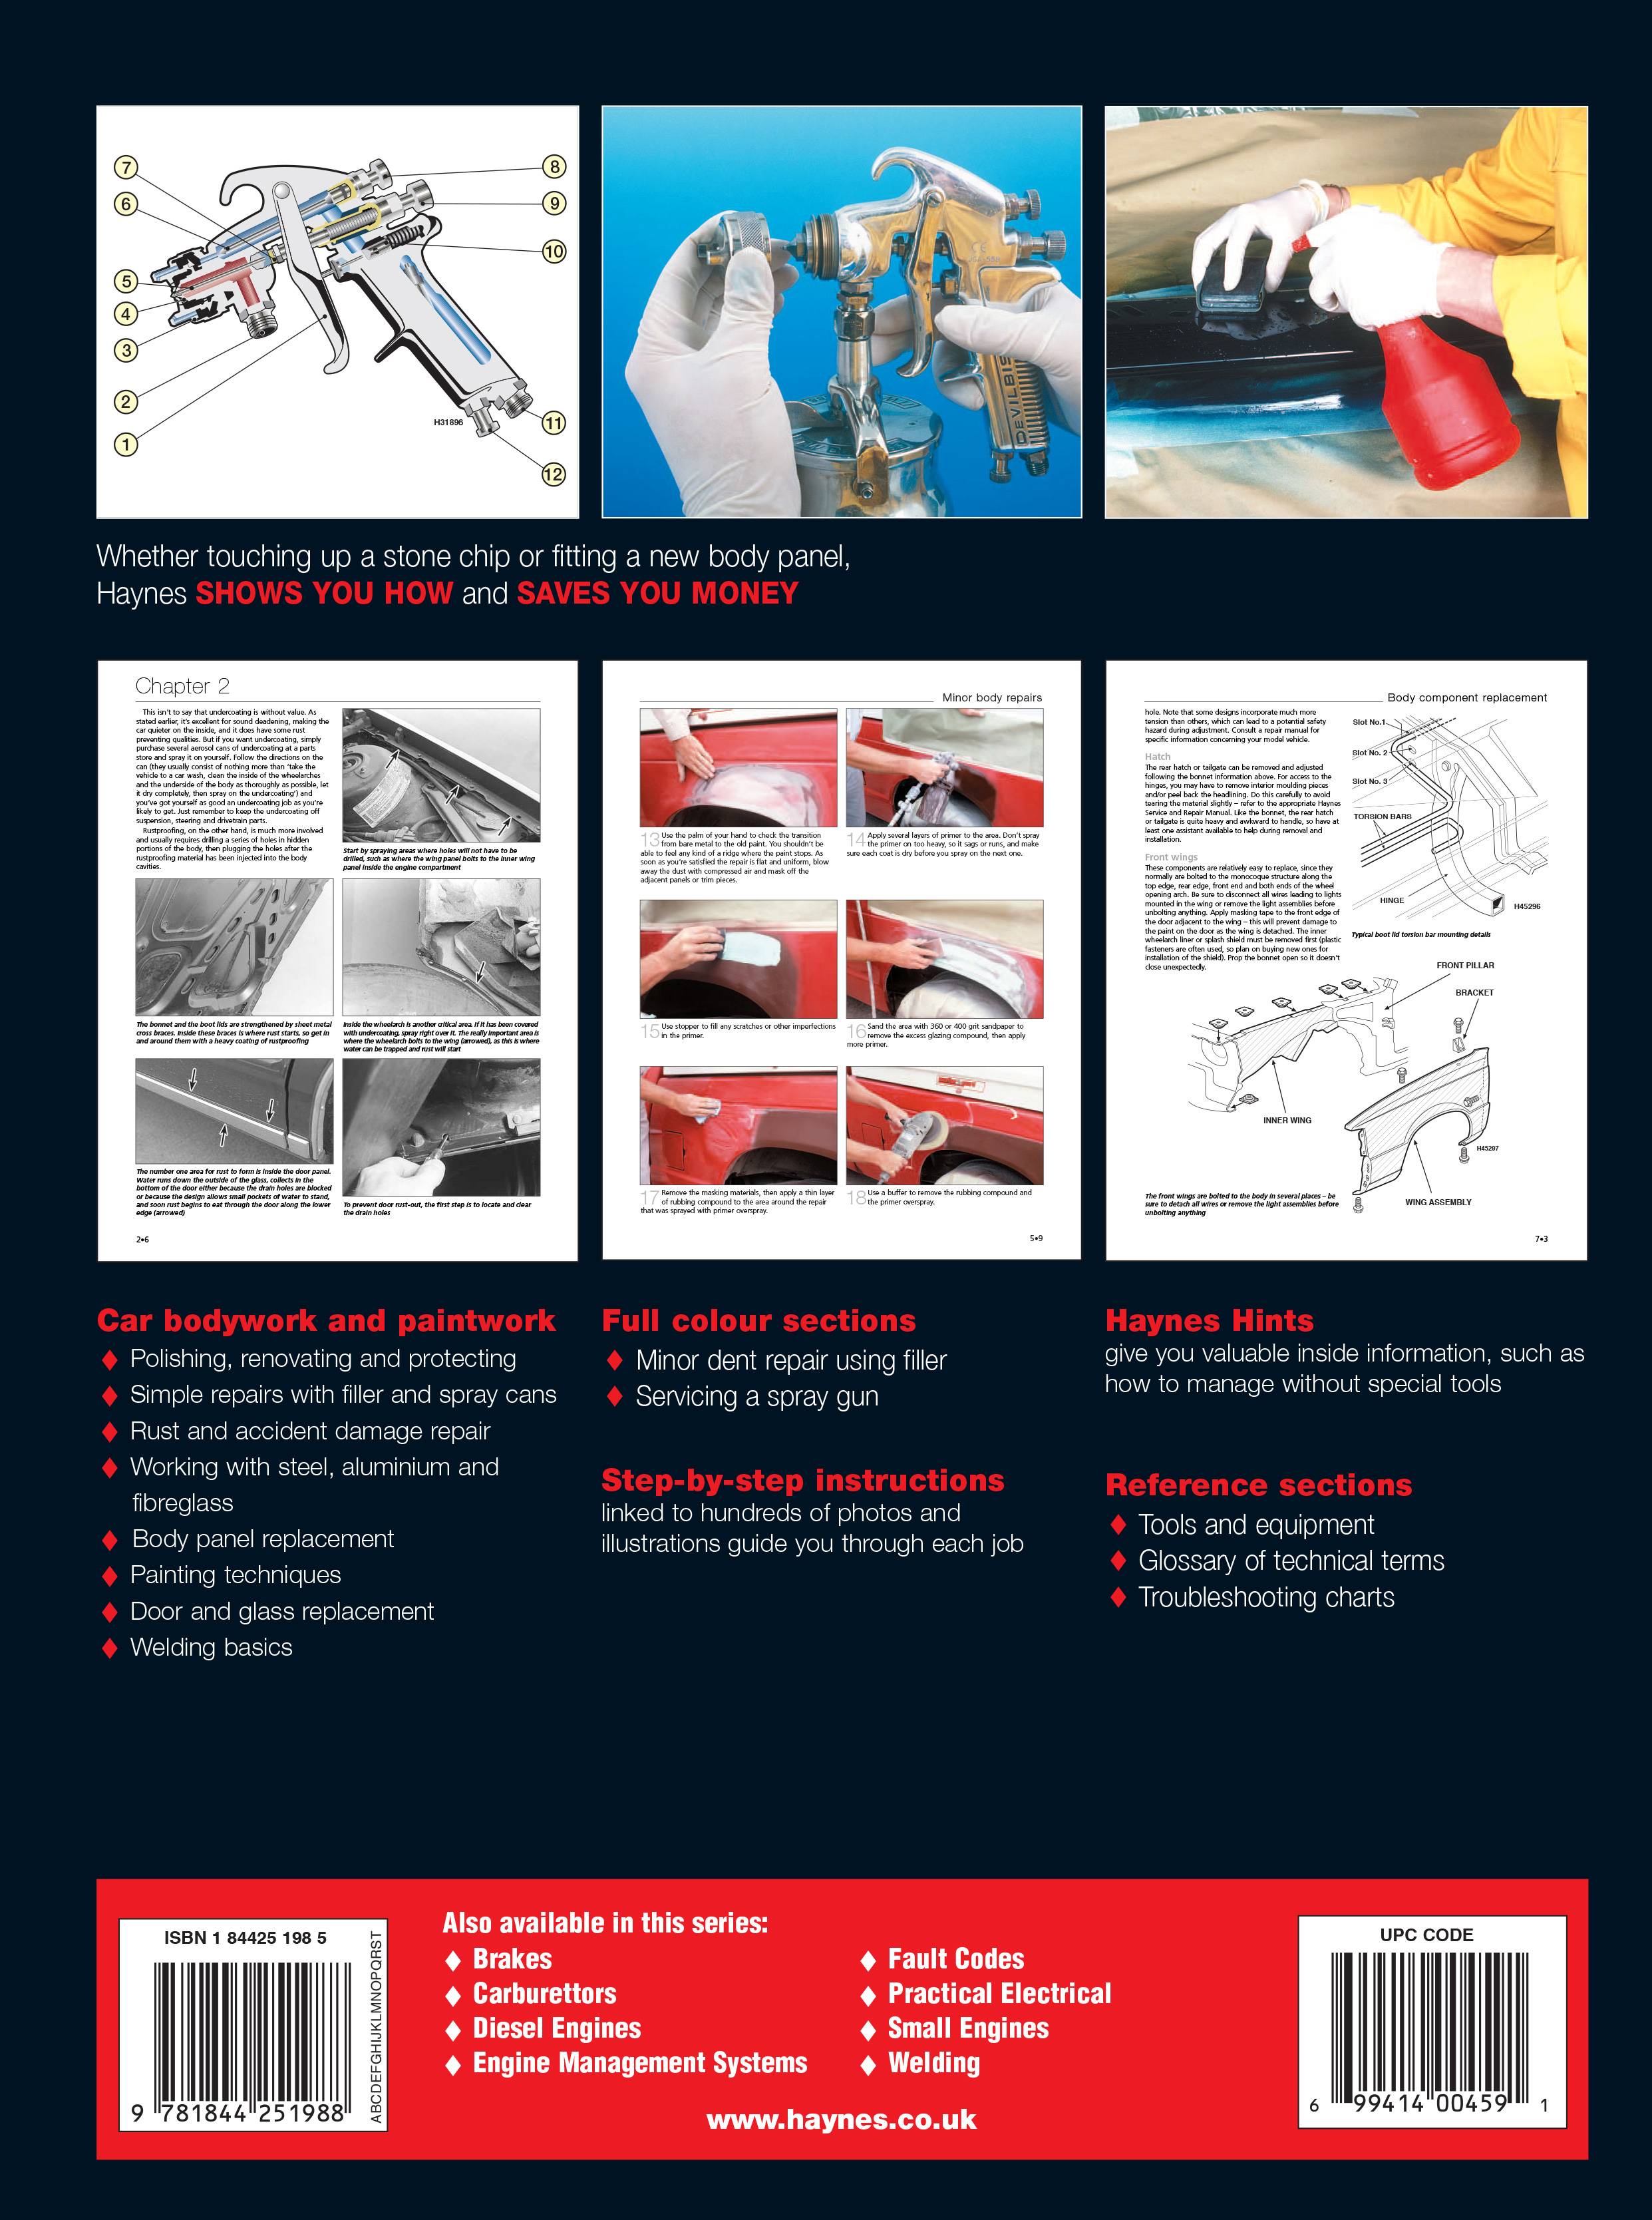 haynes manual on bodywork haynes publishing rh haynes com haynes car bodywork repair manual pdf haynes bodywork manual